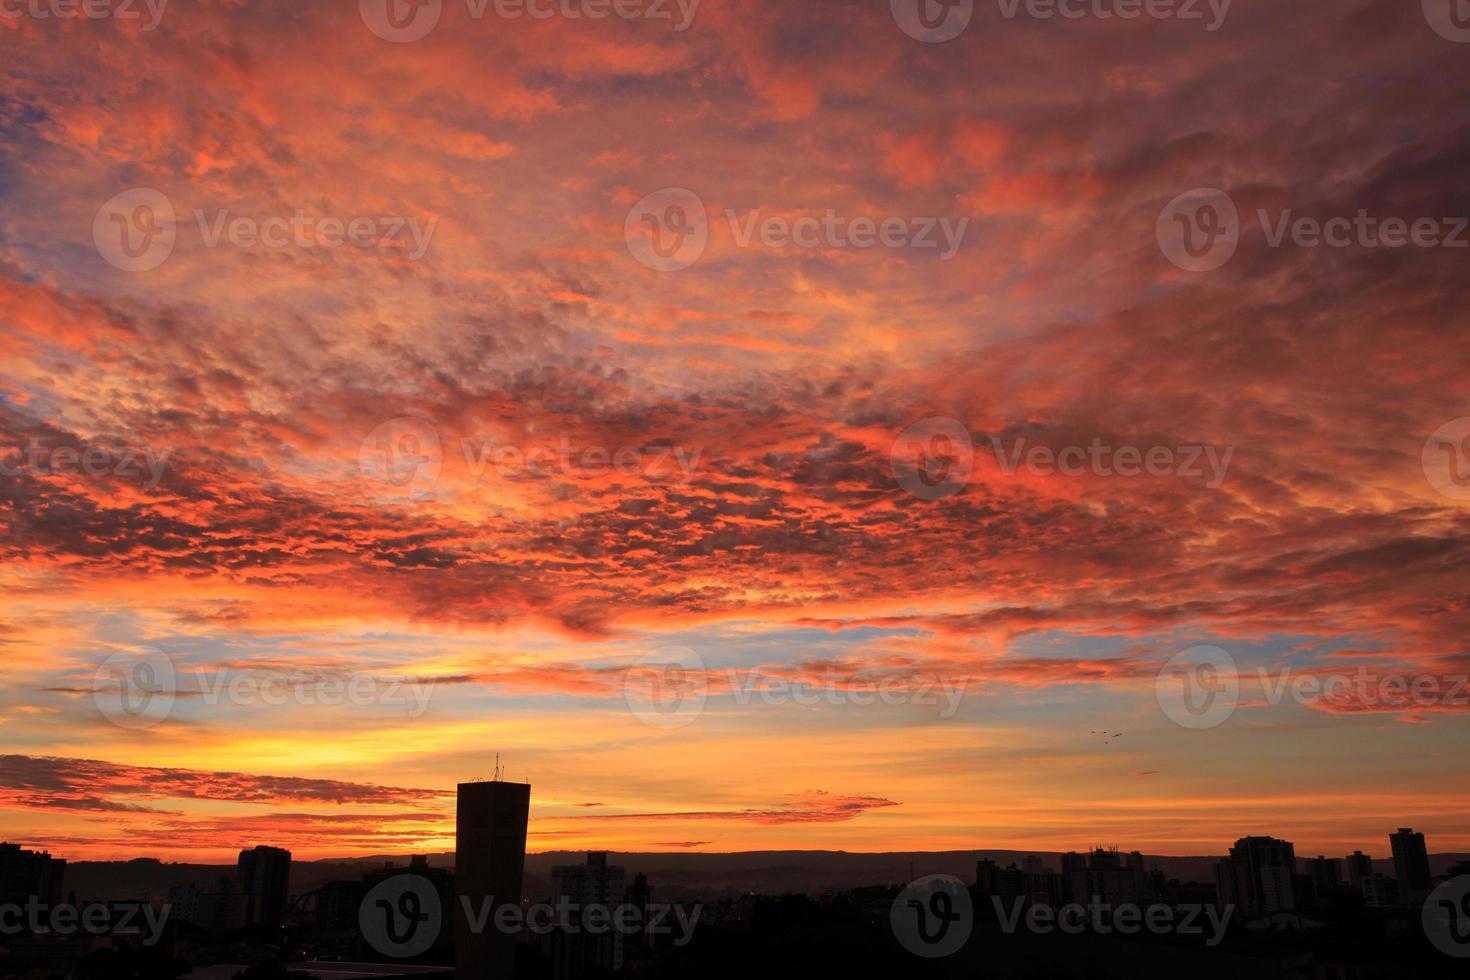 amanhecer (6:43) foto